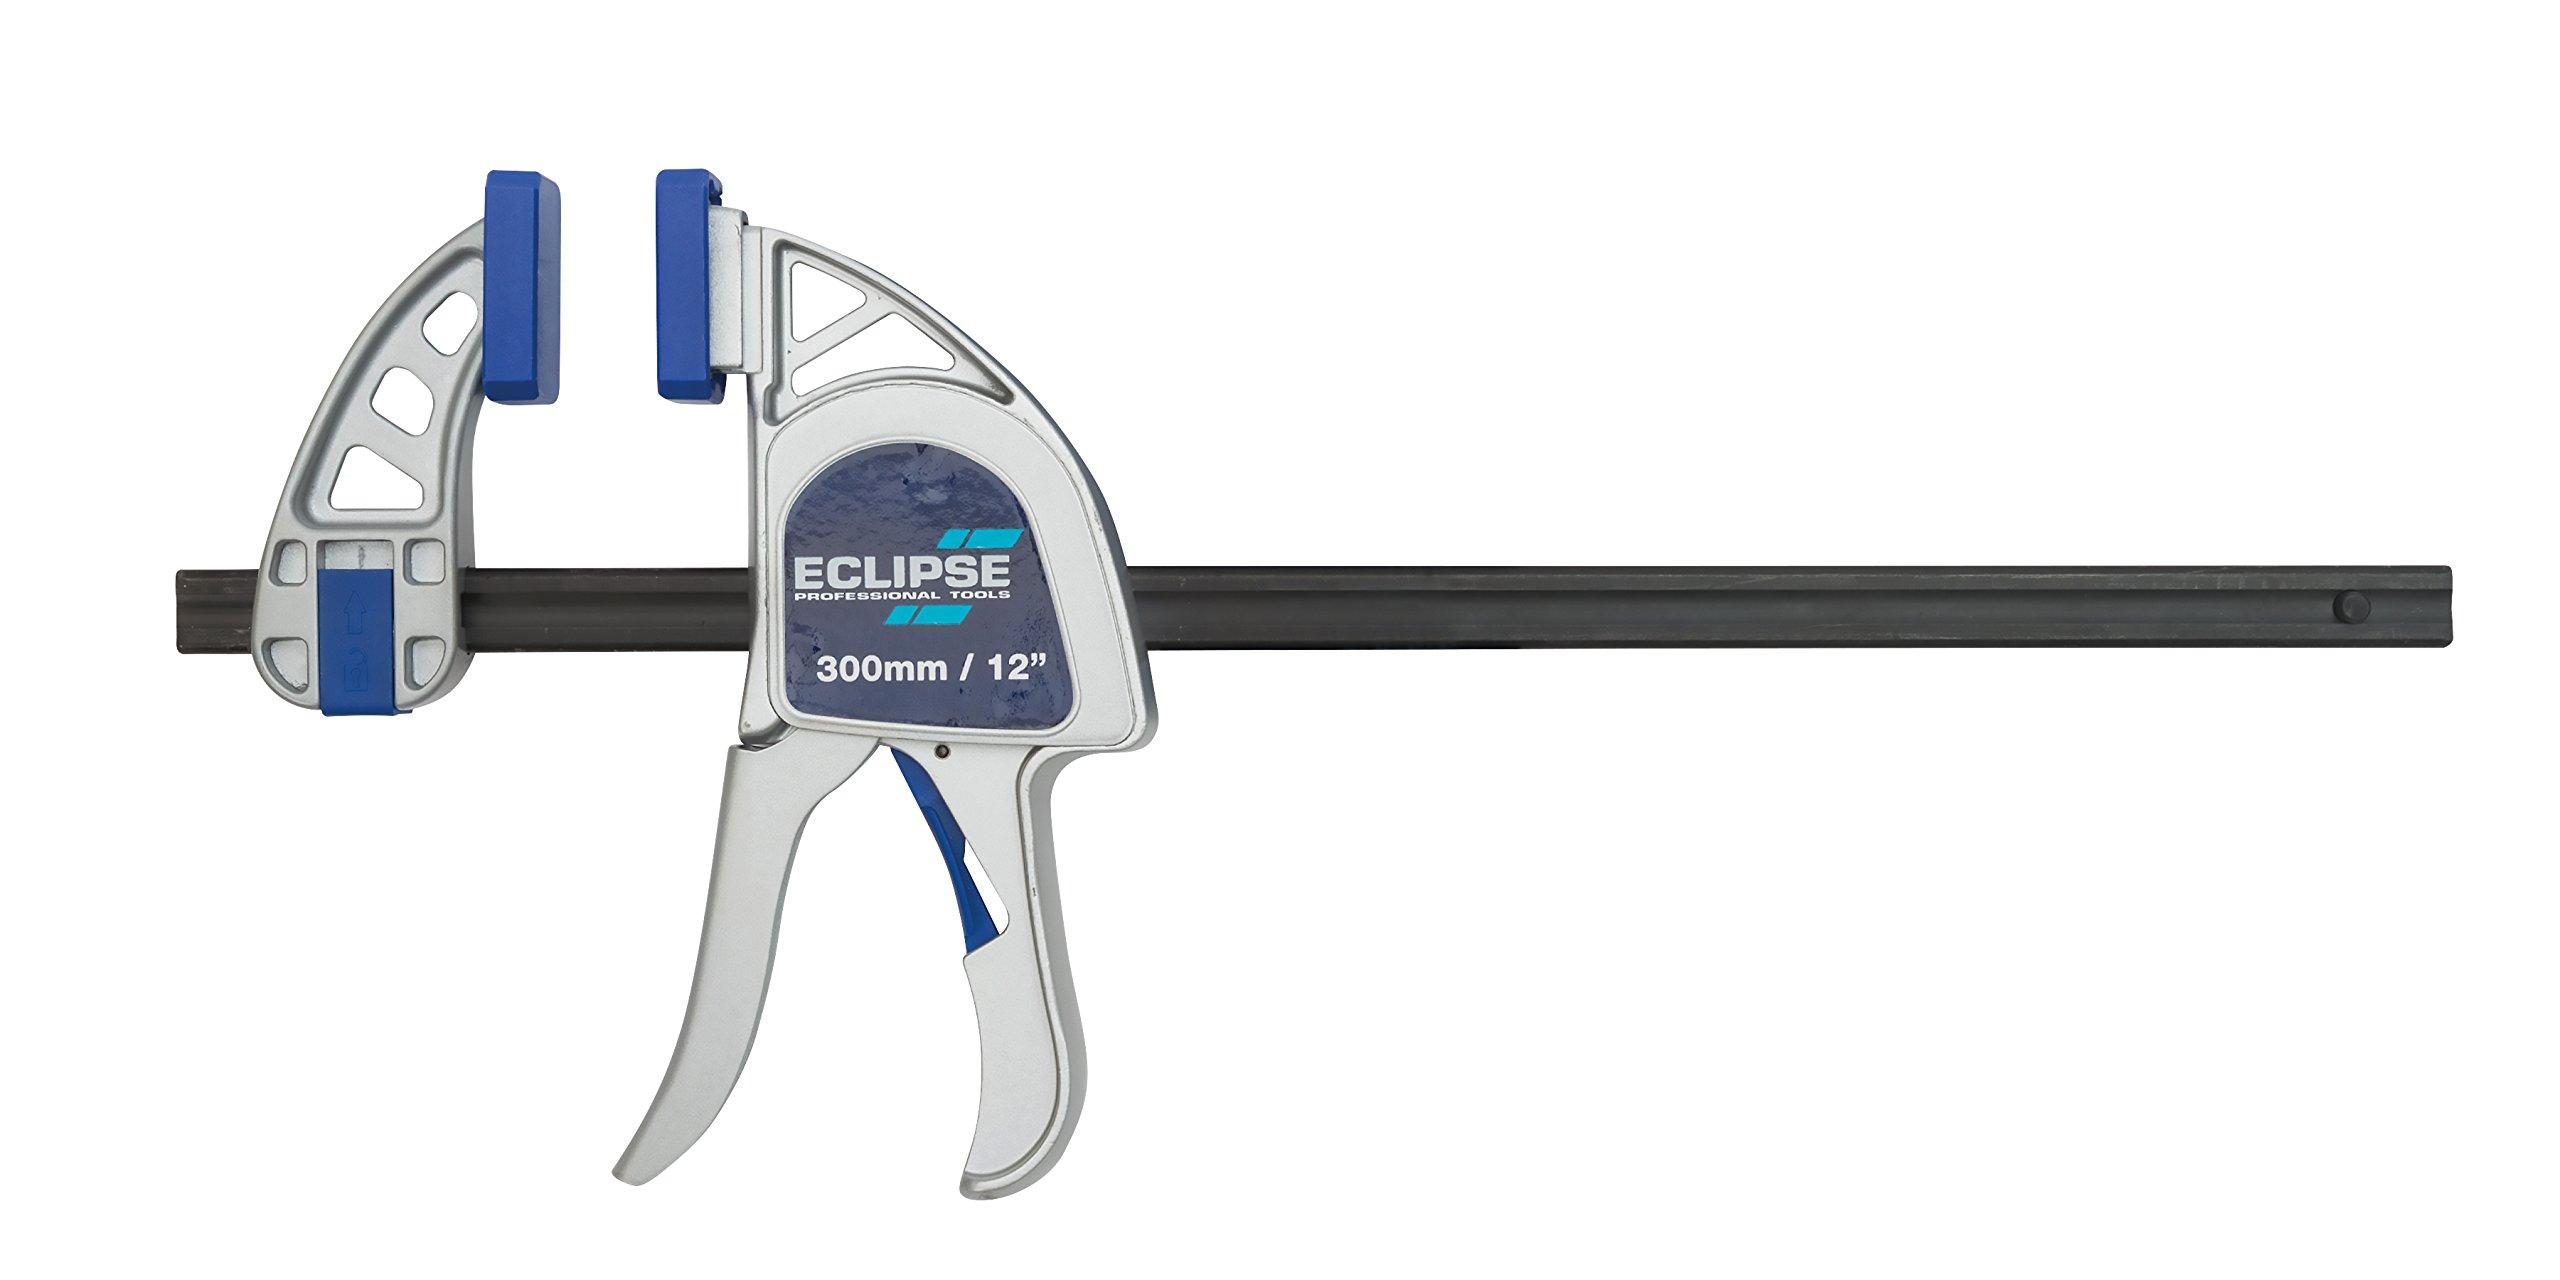 Eclipse Eohbc12-hd Heavy Duty Serre-joint à une main, Bleu/argenté/noir, 30,5cm